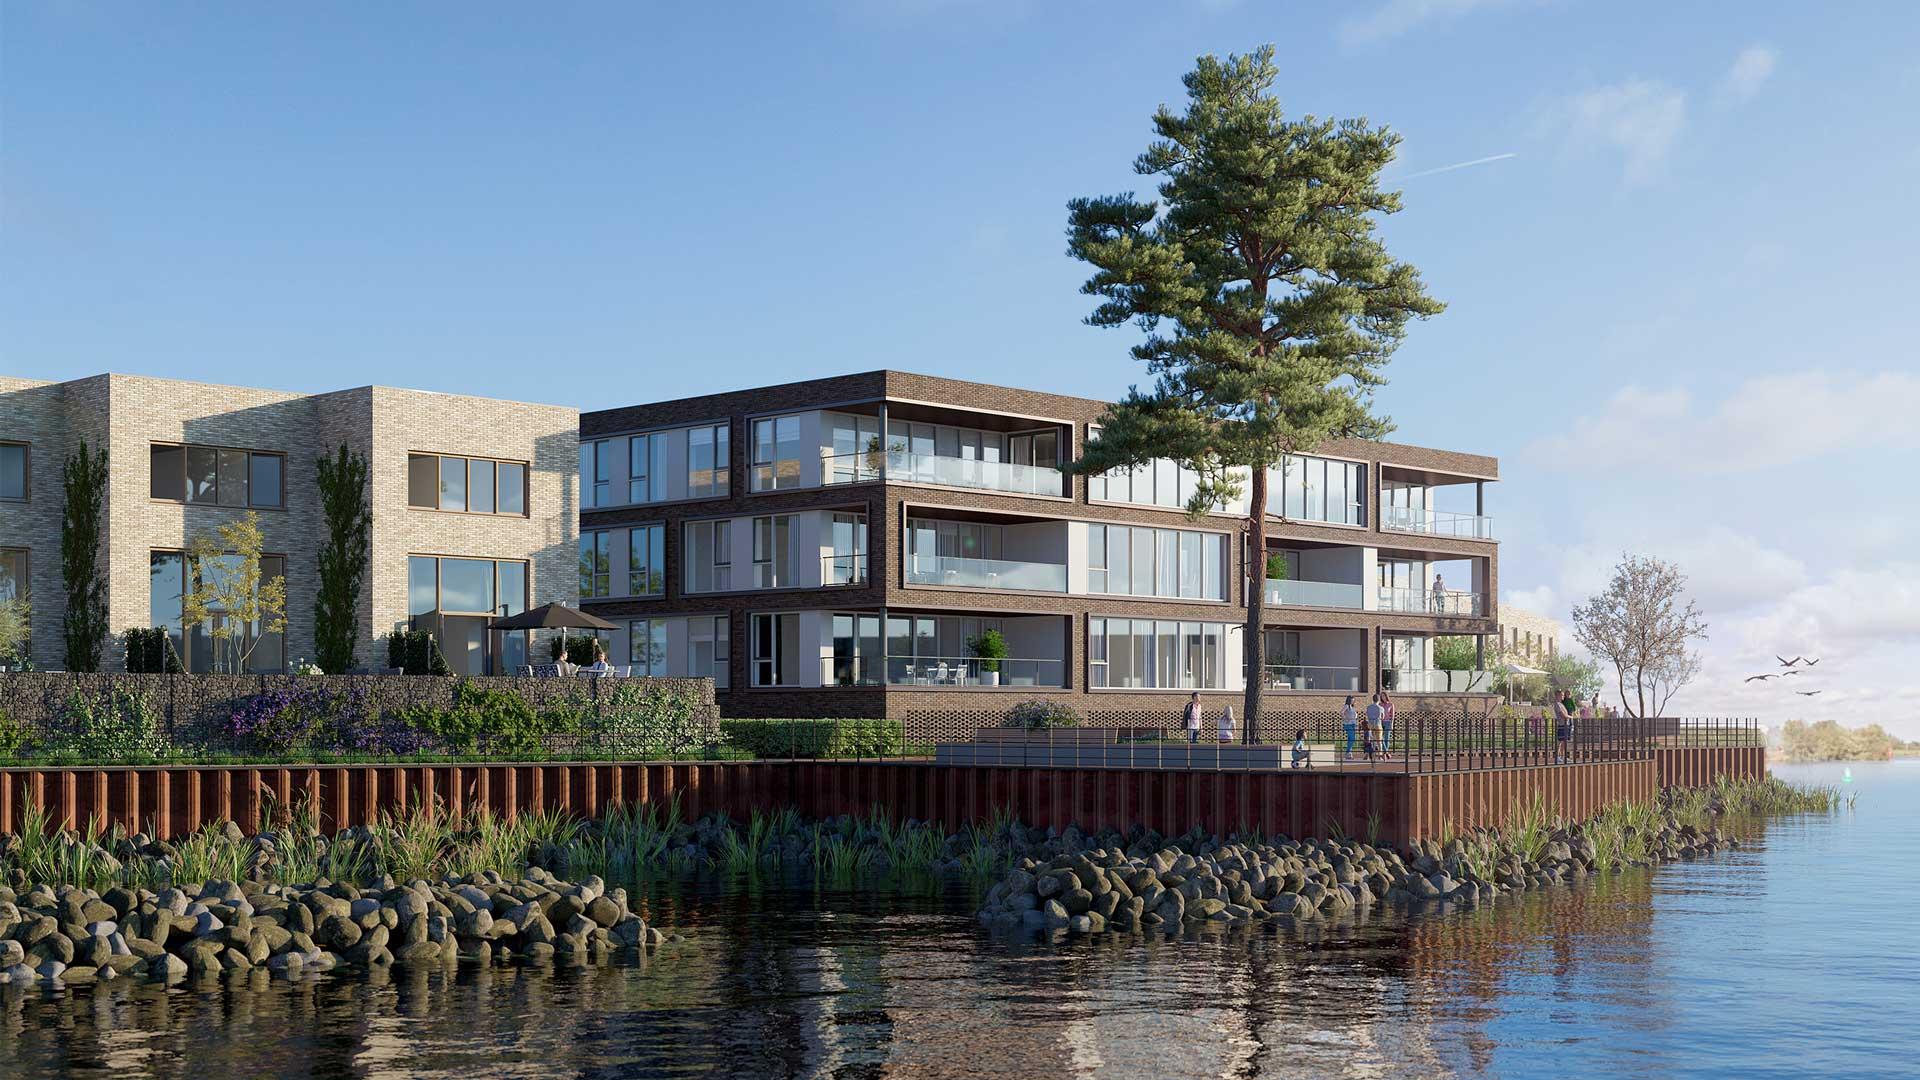 Koopwoningen Nieuwerkerk aan den IJssel - Appartementen - Zelling